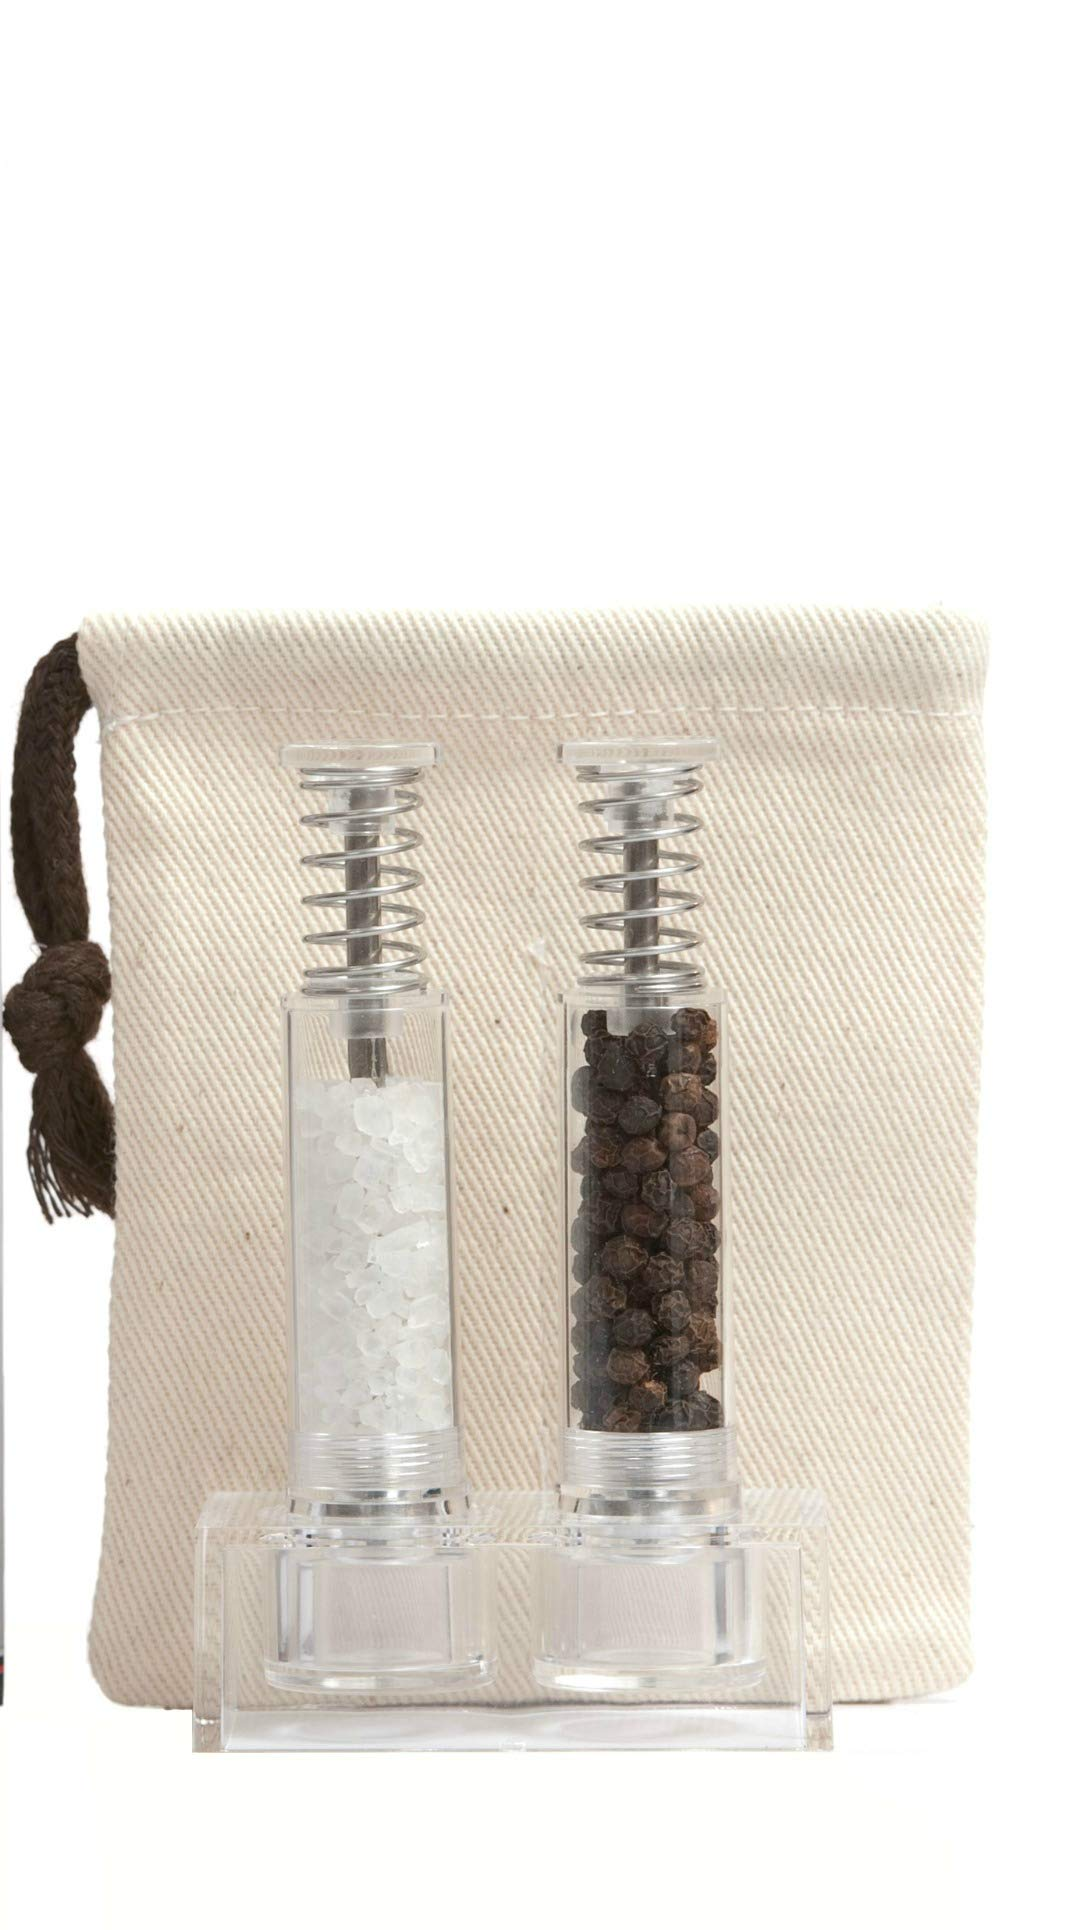 Travel Salt And Pepper Grinder Set, Grind Gourmet Original Pump & Grind Travel Gadgets, Spice Grinder, Pepper Mill, Small Salt Pepper Grinder, Free Pep Spice and Salt (Polycarbonate)